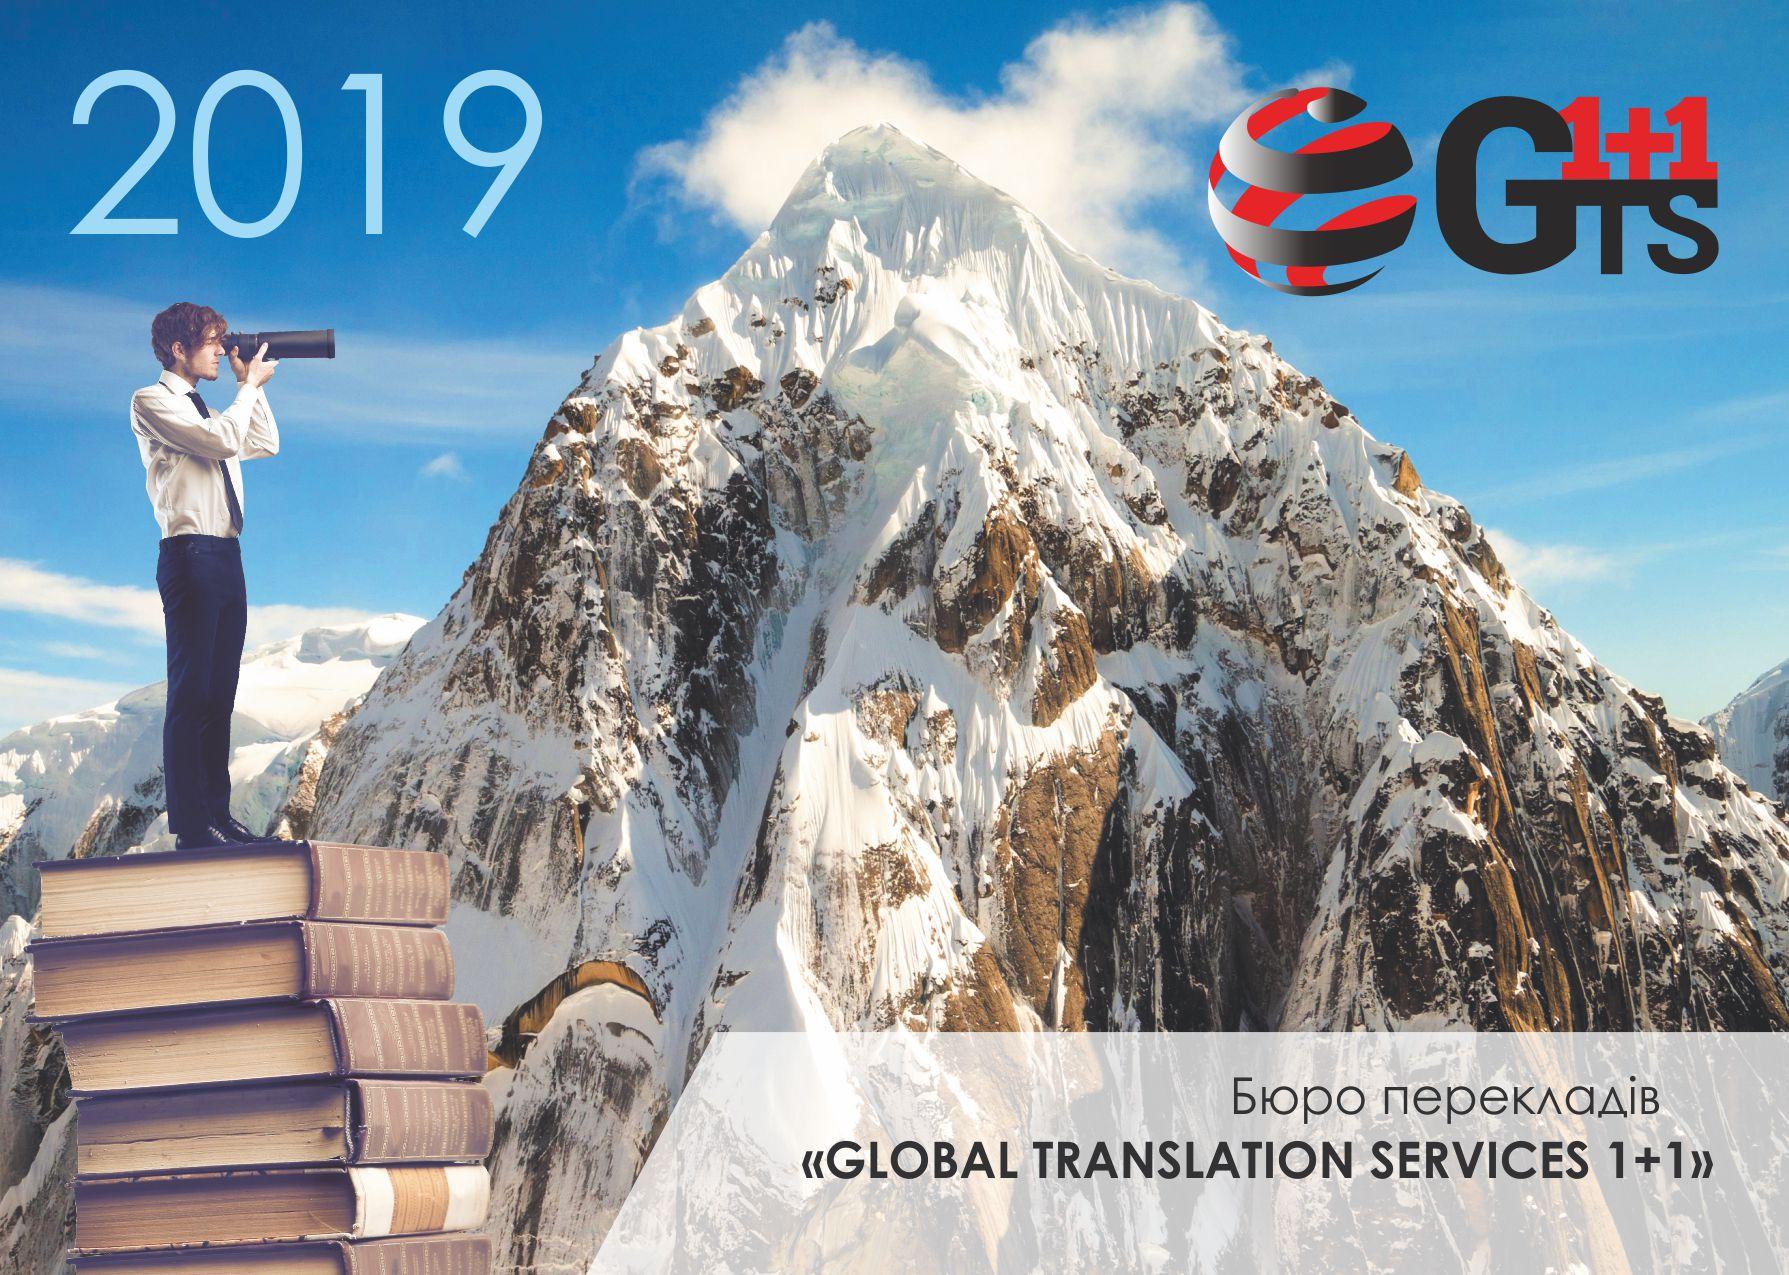 Дизайн квартального календаря бюро переводов GTS вариант №5 www.makety.top